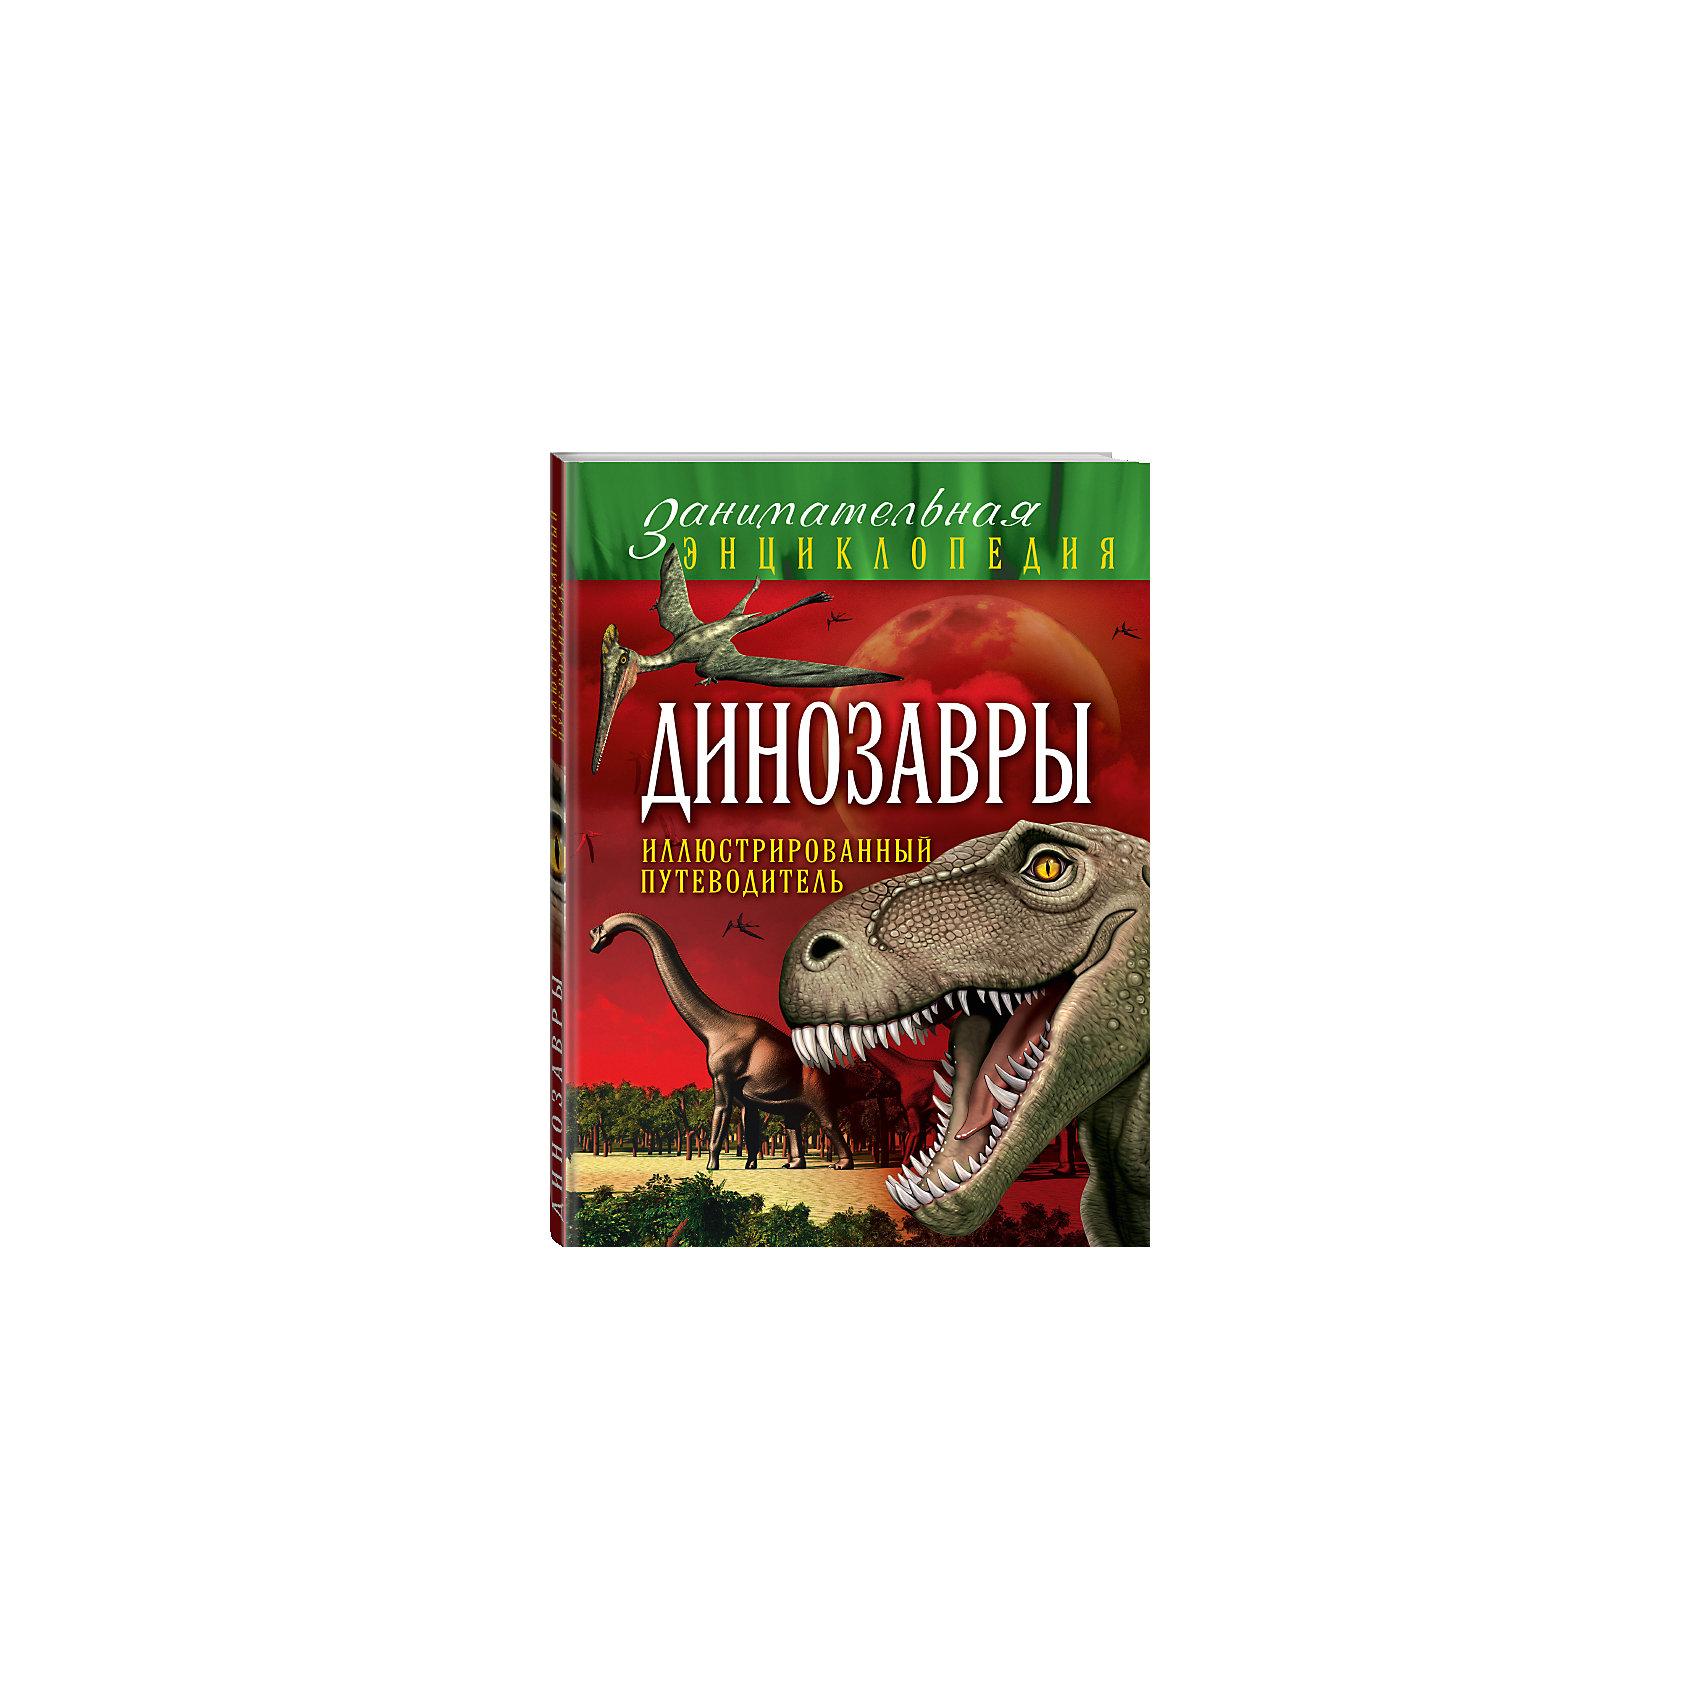 Эксмо Динозавры: иллюстрированный путеводитель обухова а путеводитель стамбул